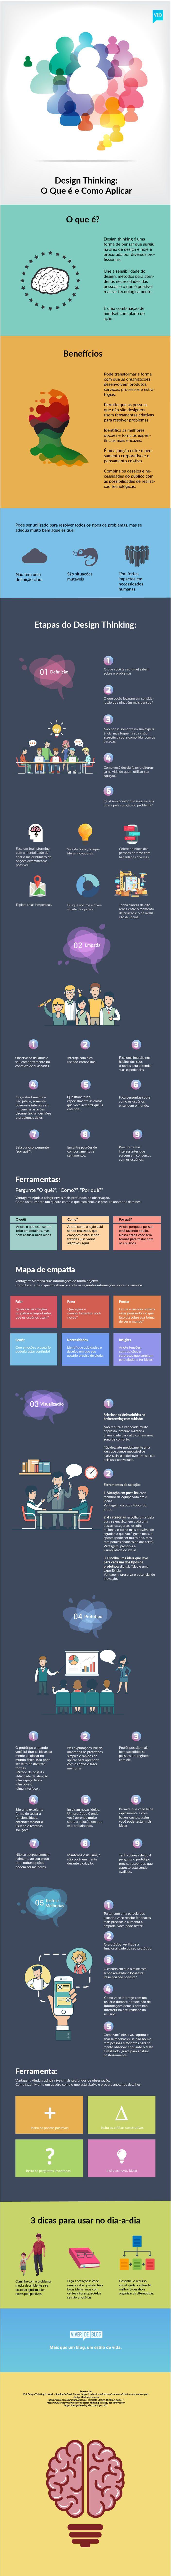 Pocket: [Infográfico] O Que É Design Thinking: Como Aplicar Técnicas Criativas para a Resolução de Problemas